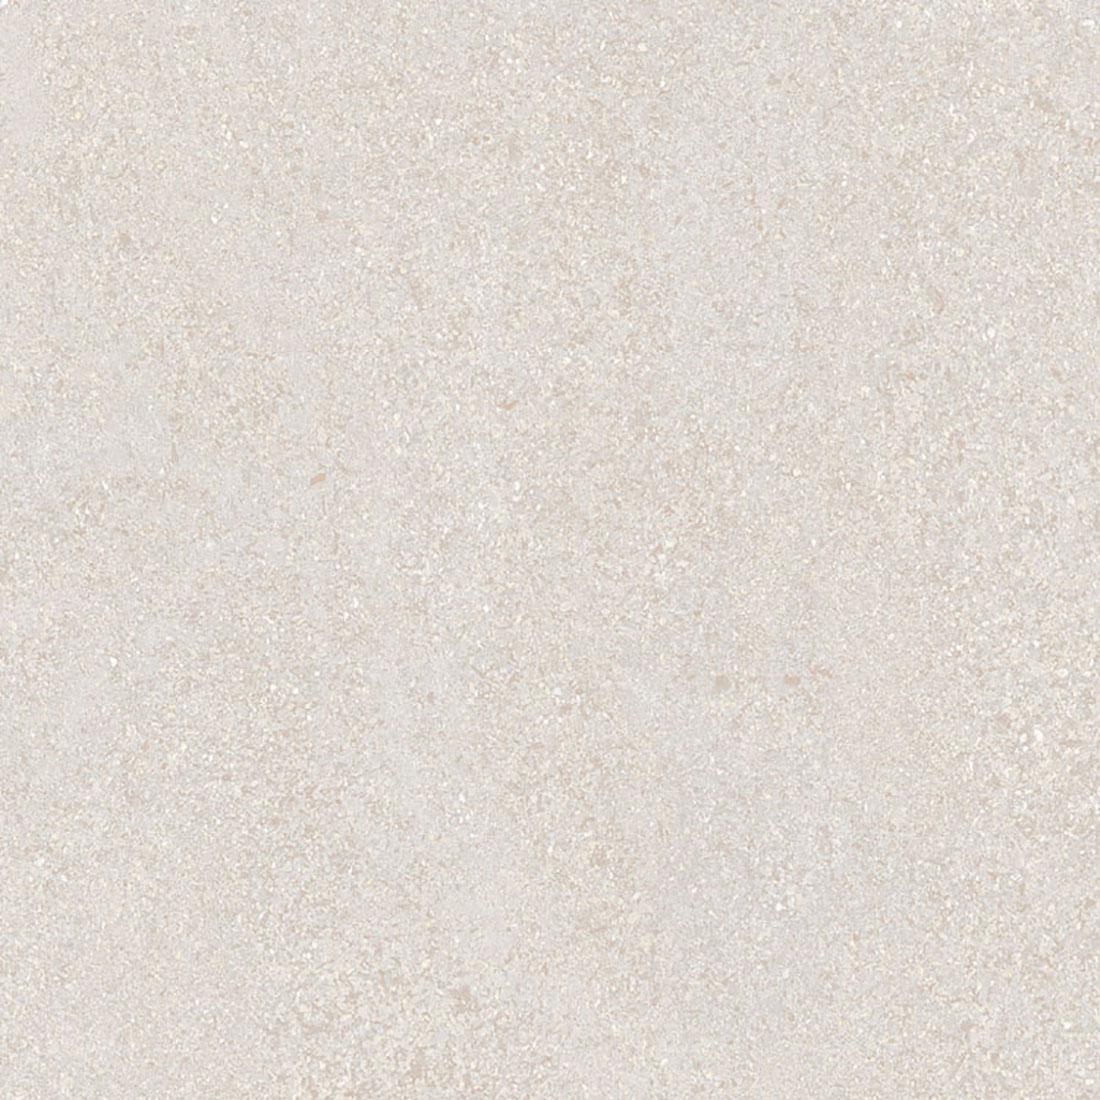 Triana 30x30 Grey Matt 1